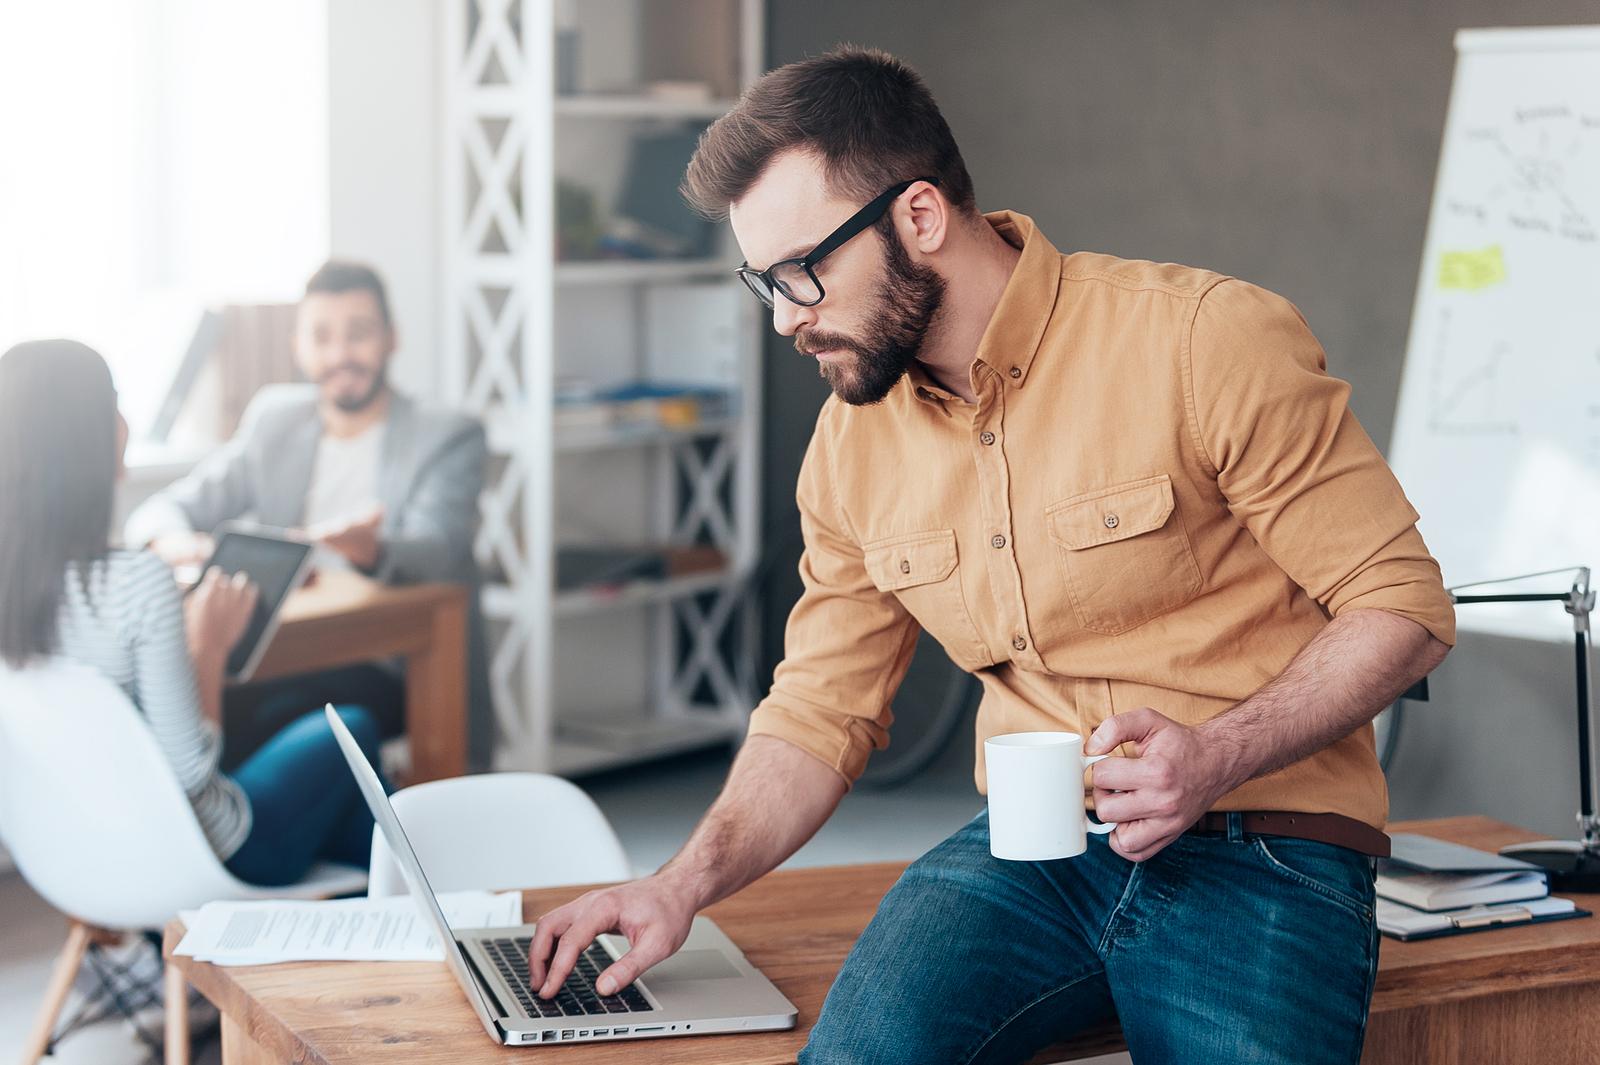 17 Peluang Bisnis Baru Yang Belum Banyak Diketahui